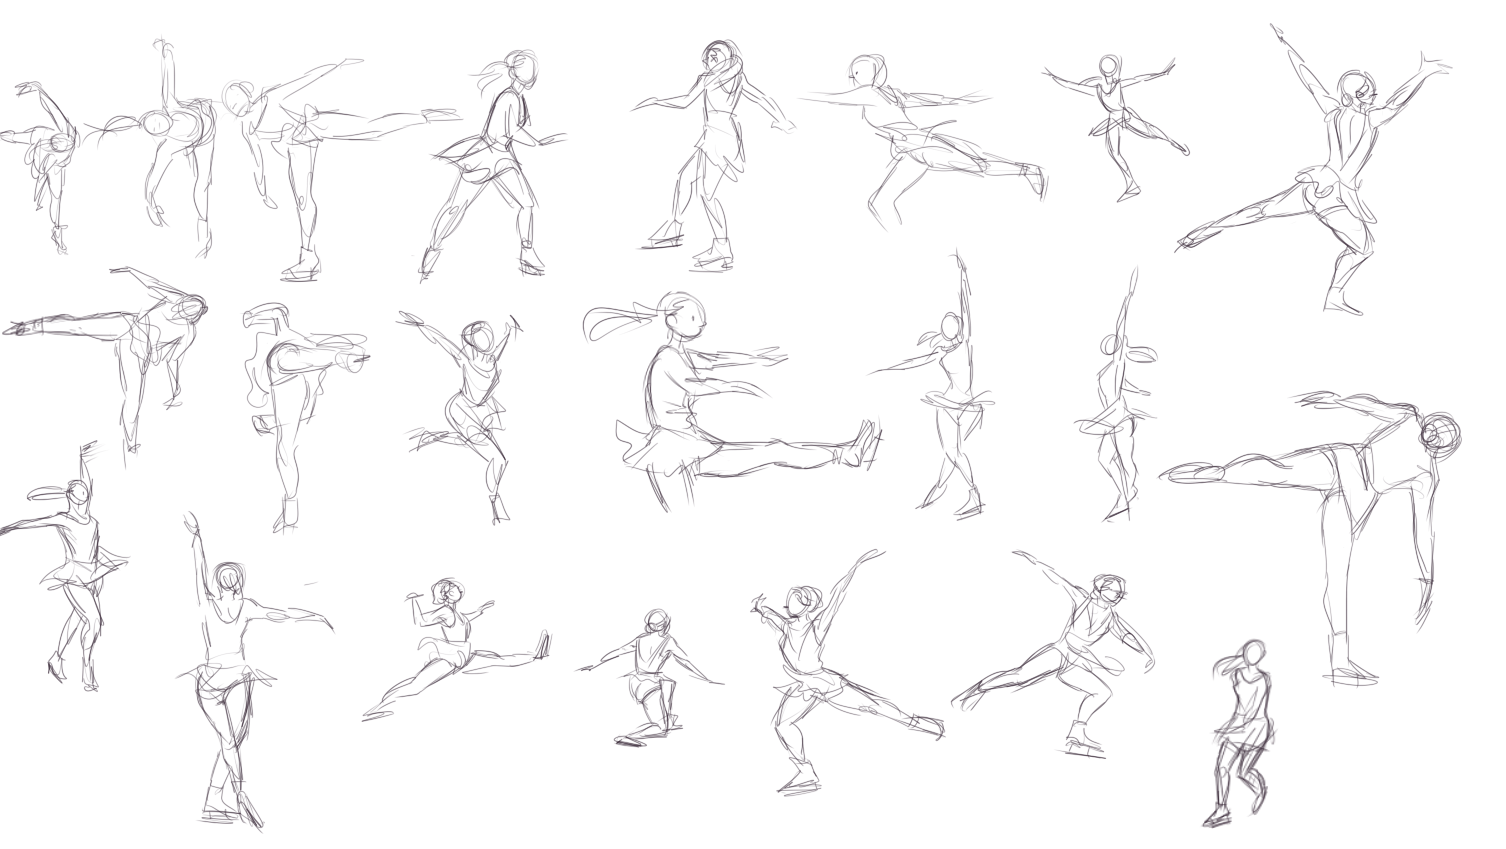 1506x849 Dancer And Figure Skater Gestures Figurative Illustrations